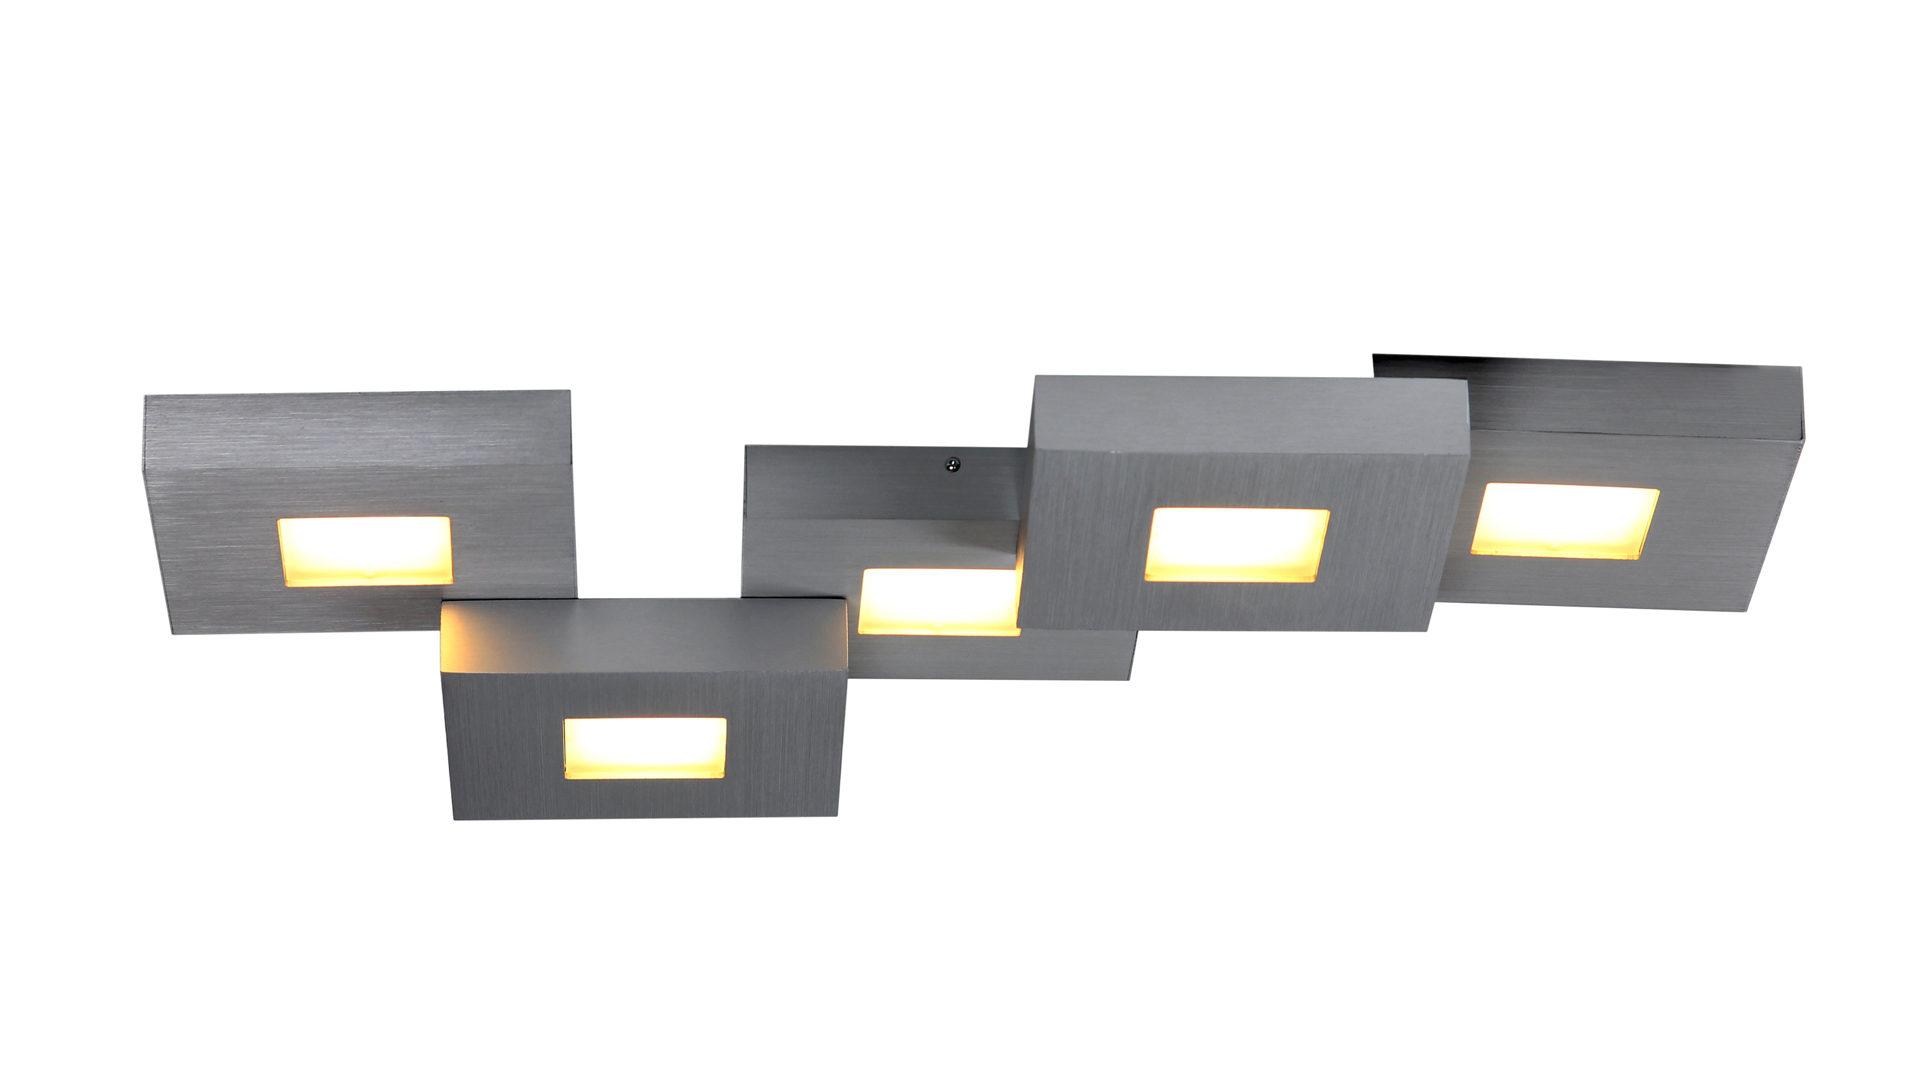 Einrichtungspartner Ring | Räume | Flur + Diele | BOPP LED Deckenleuchte  Cubus | Bopp, Aus Metall, In Metallfarben, BOPP LED Deckenleuchte Cubus, ...